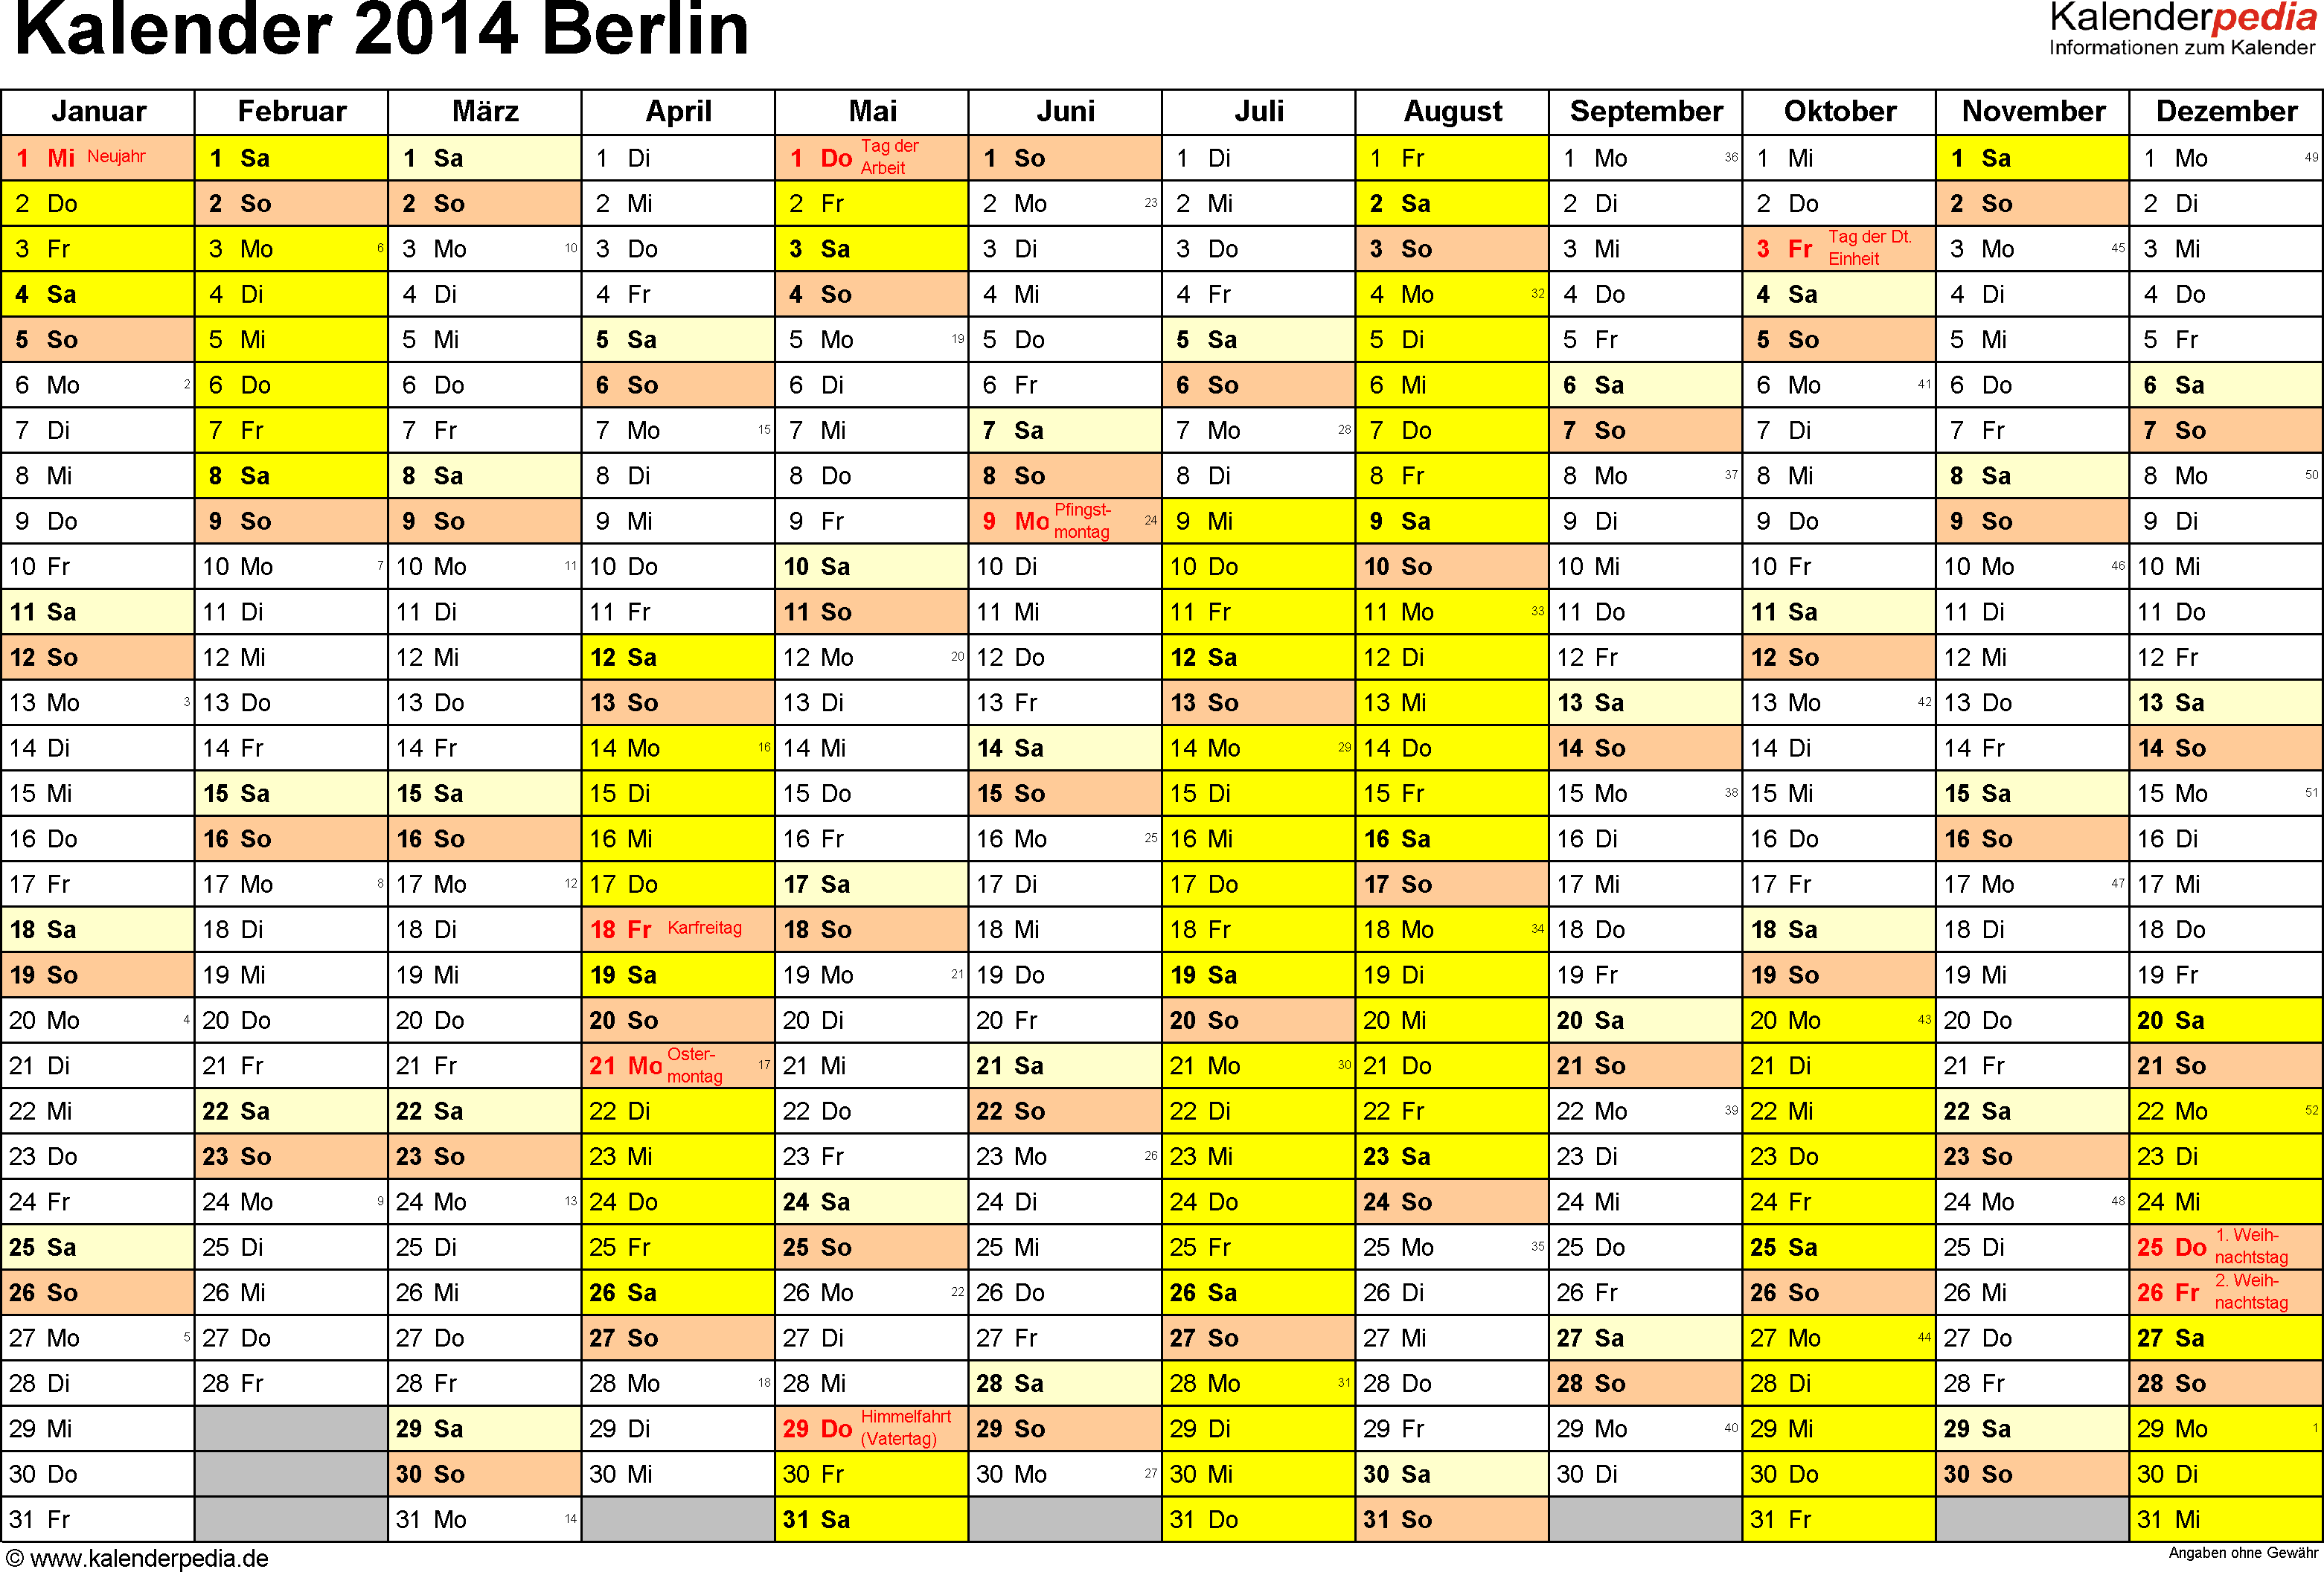 Vorlage 1: Kalender 2014 für Berlin als Word-Vorlagen (Querformat, 1 Seite)